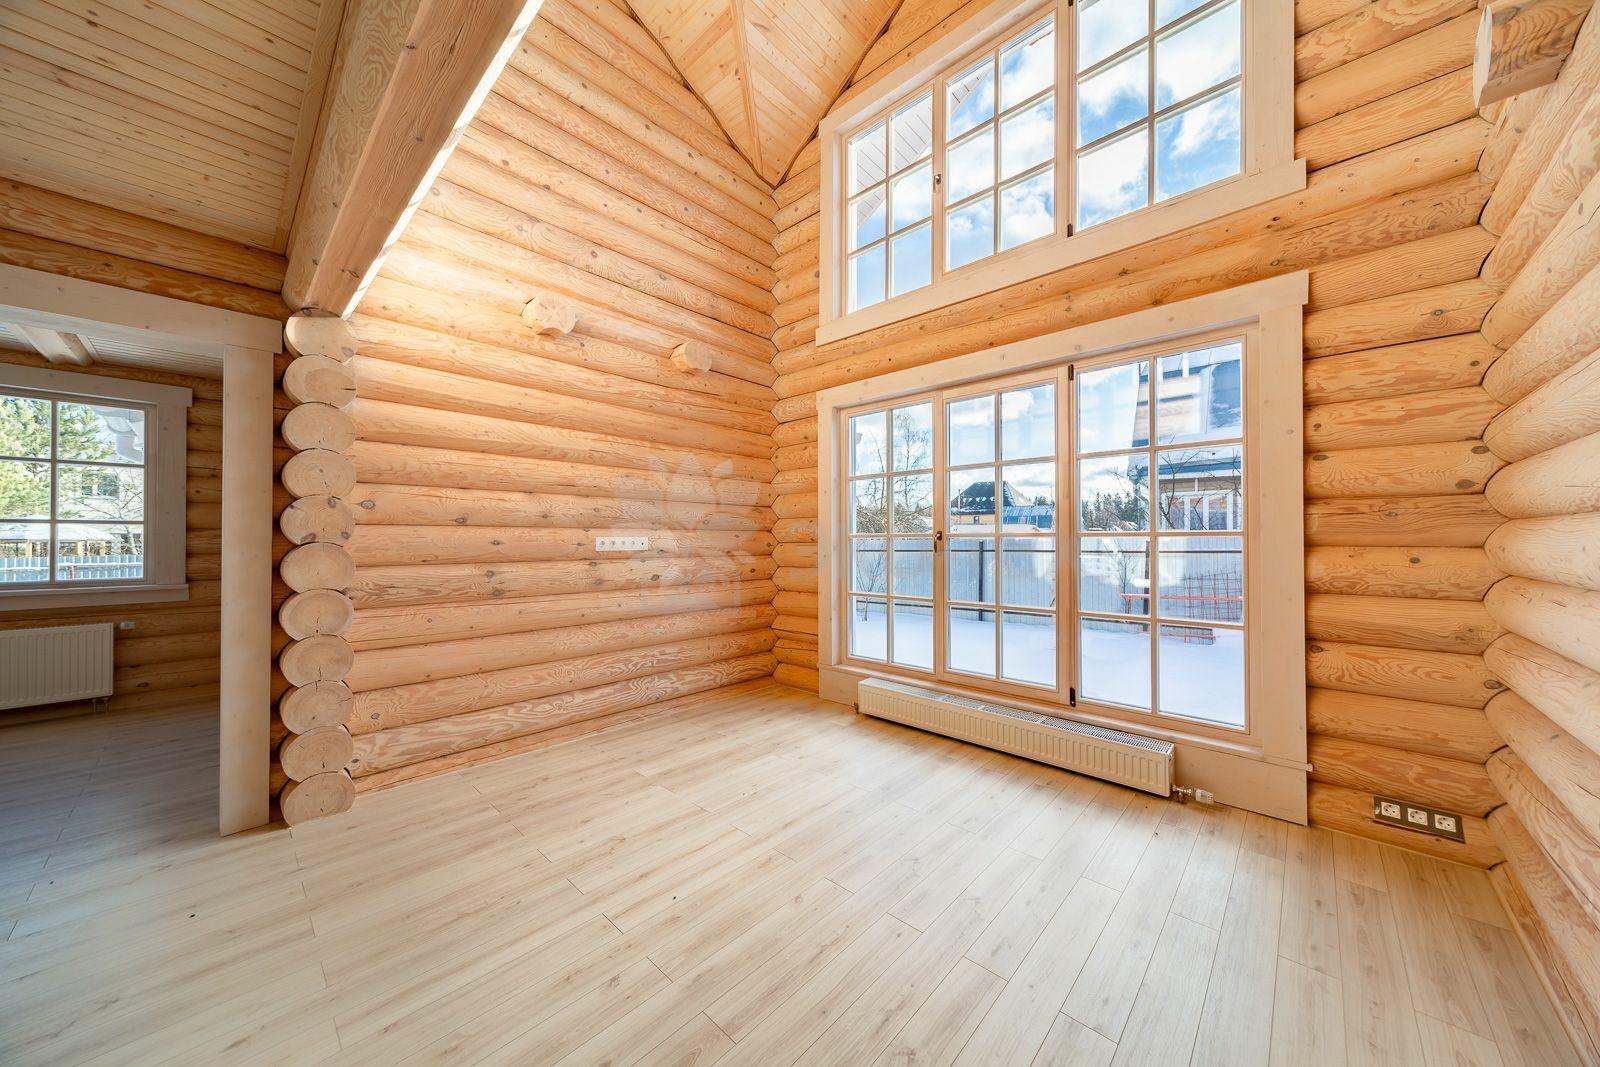 очень впечатлил готовые деревянные дома без отделки внутри фото стоит учитывать, что